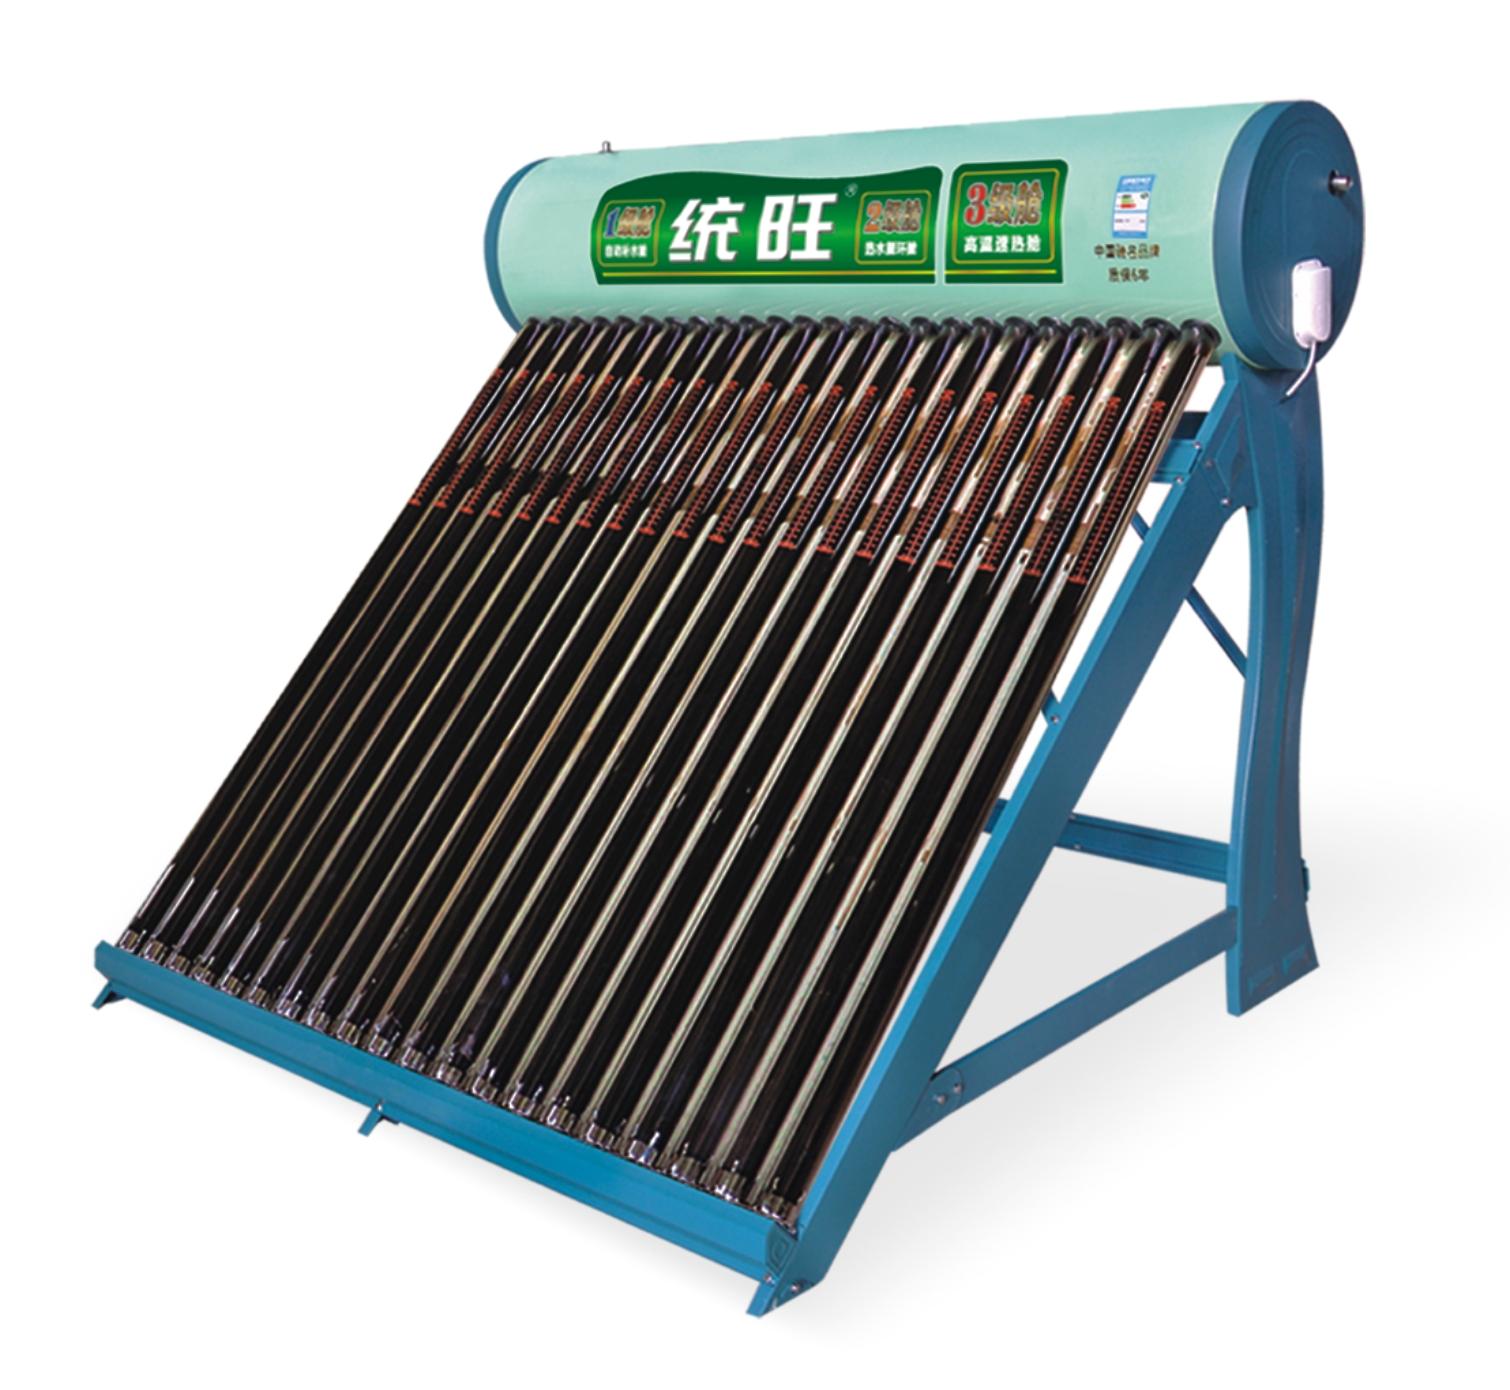 太阳能热水器清洗方法